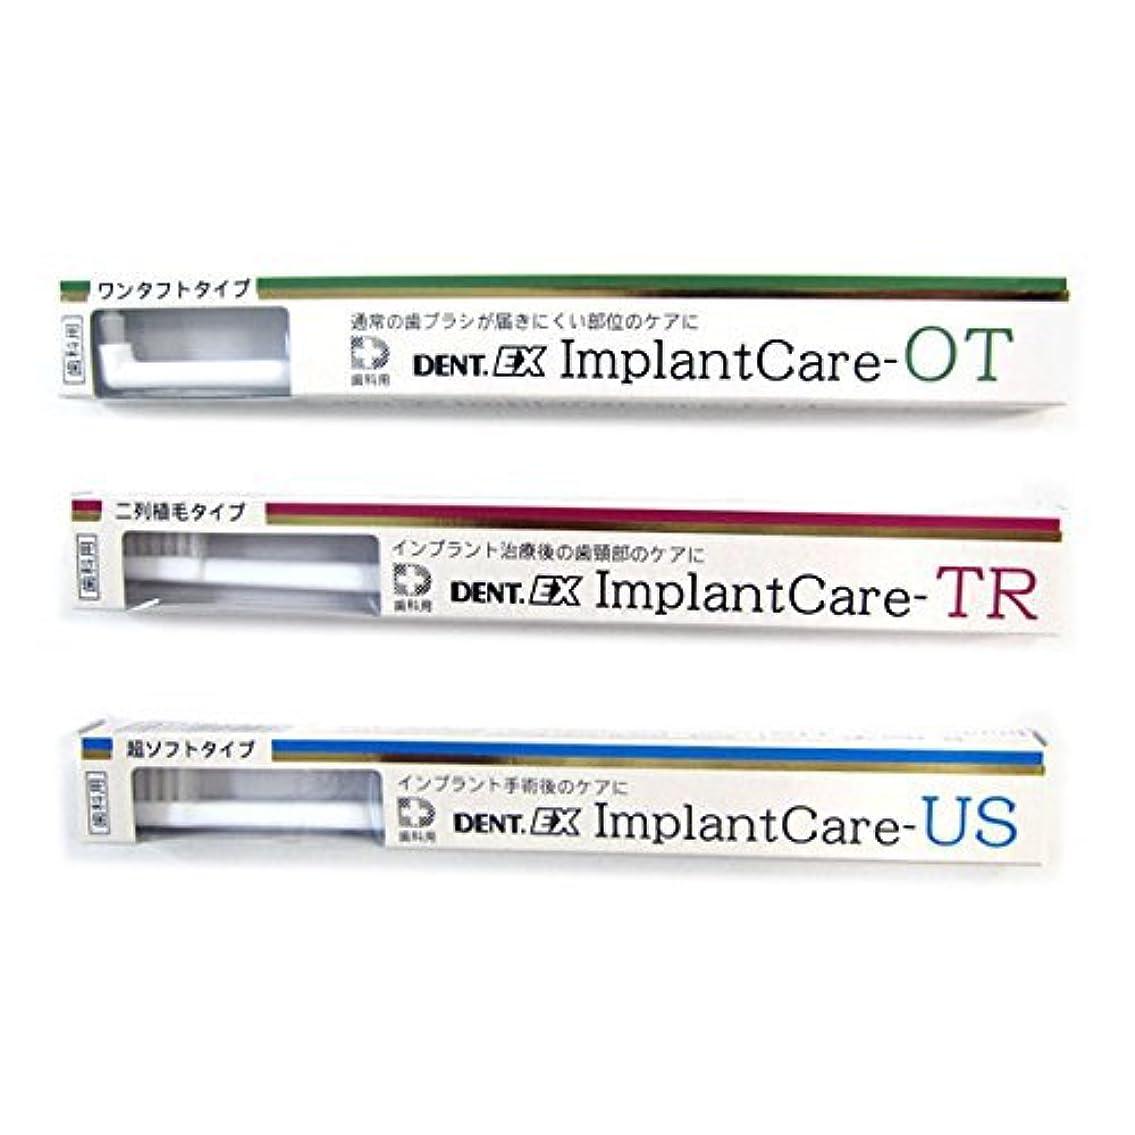 再生的暗唱する私たち自身デント DENT EX ImplantCare インプラントケア 単品 TR(二列)